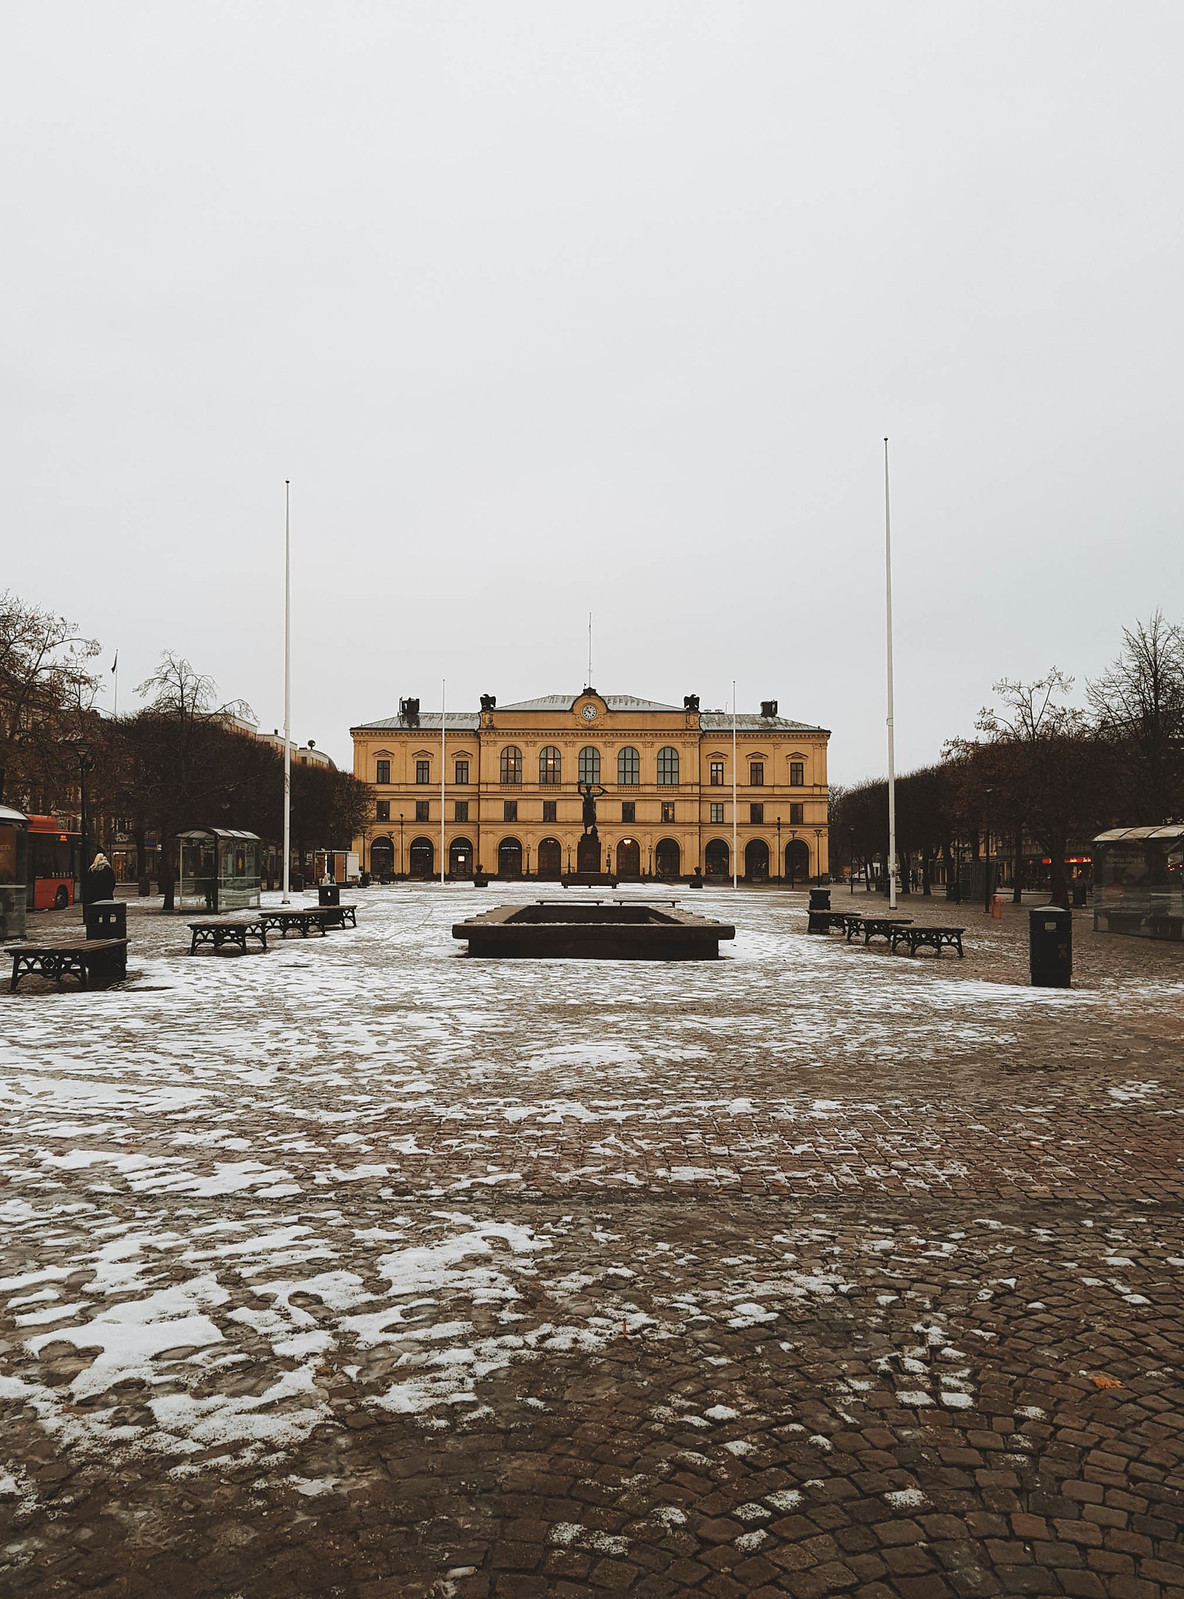 181029 - Karlstad